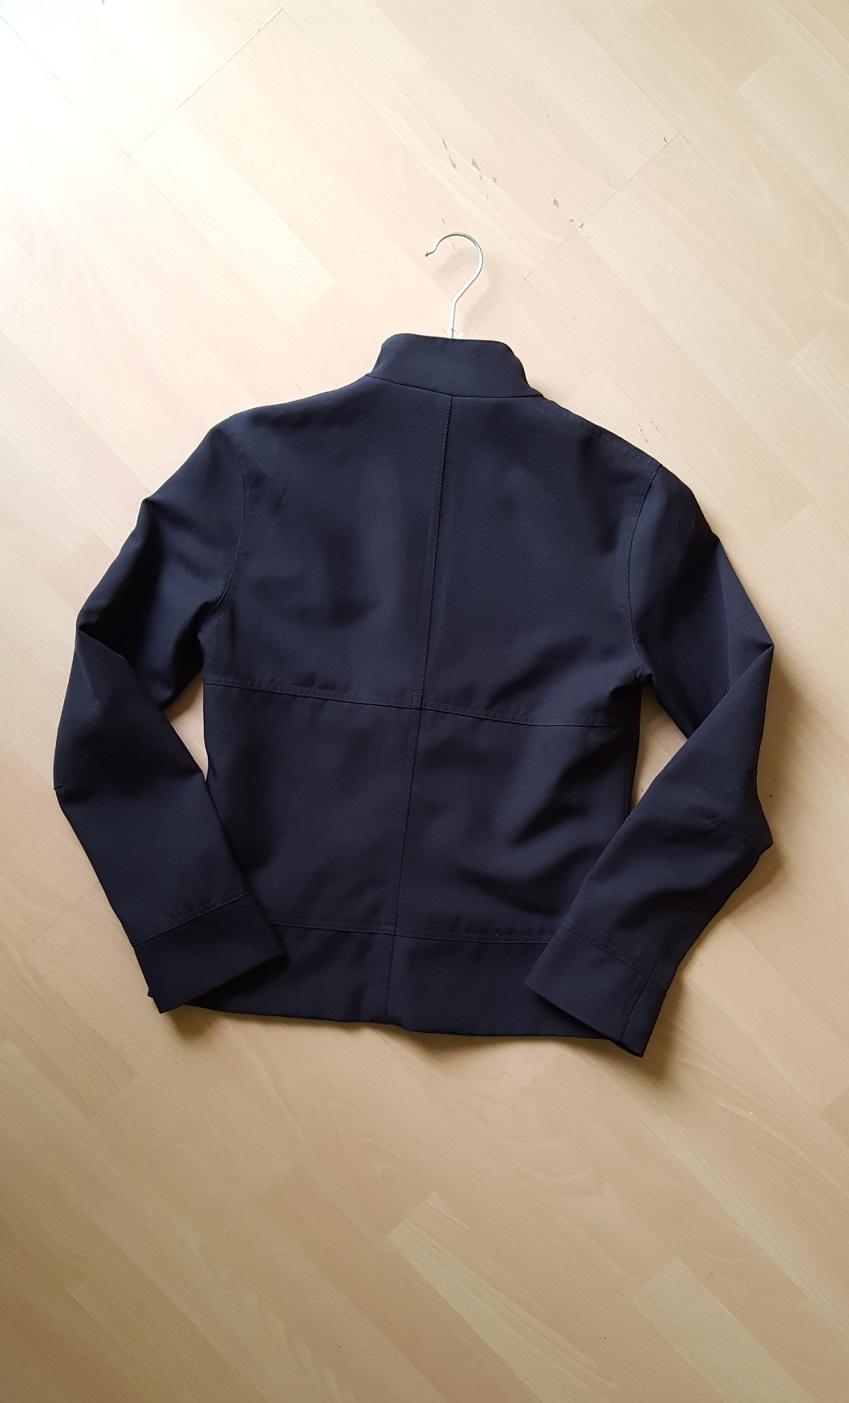 Elegantní černá bunda s podšívkou  - Obrázek č. 3